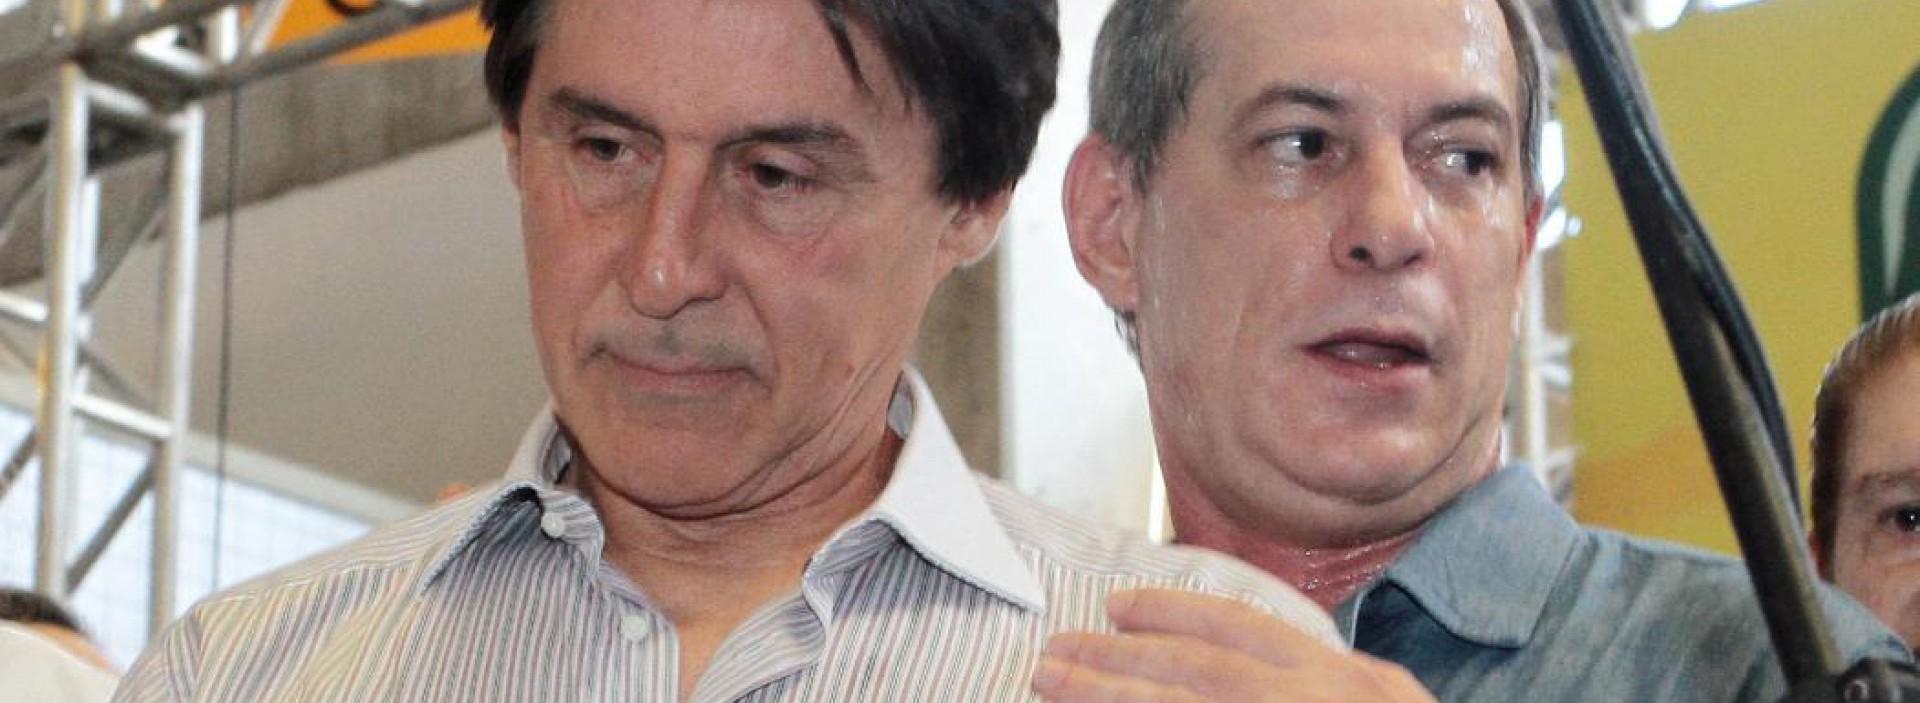 Disputas entre Eunício e Ciro não são exatamente novidade na política cearense (Foto: Iana Soares, em 23/06/2012)